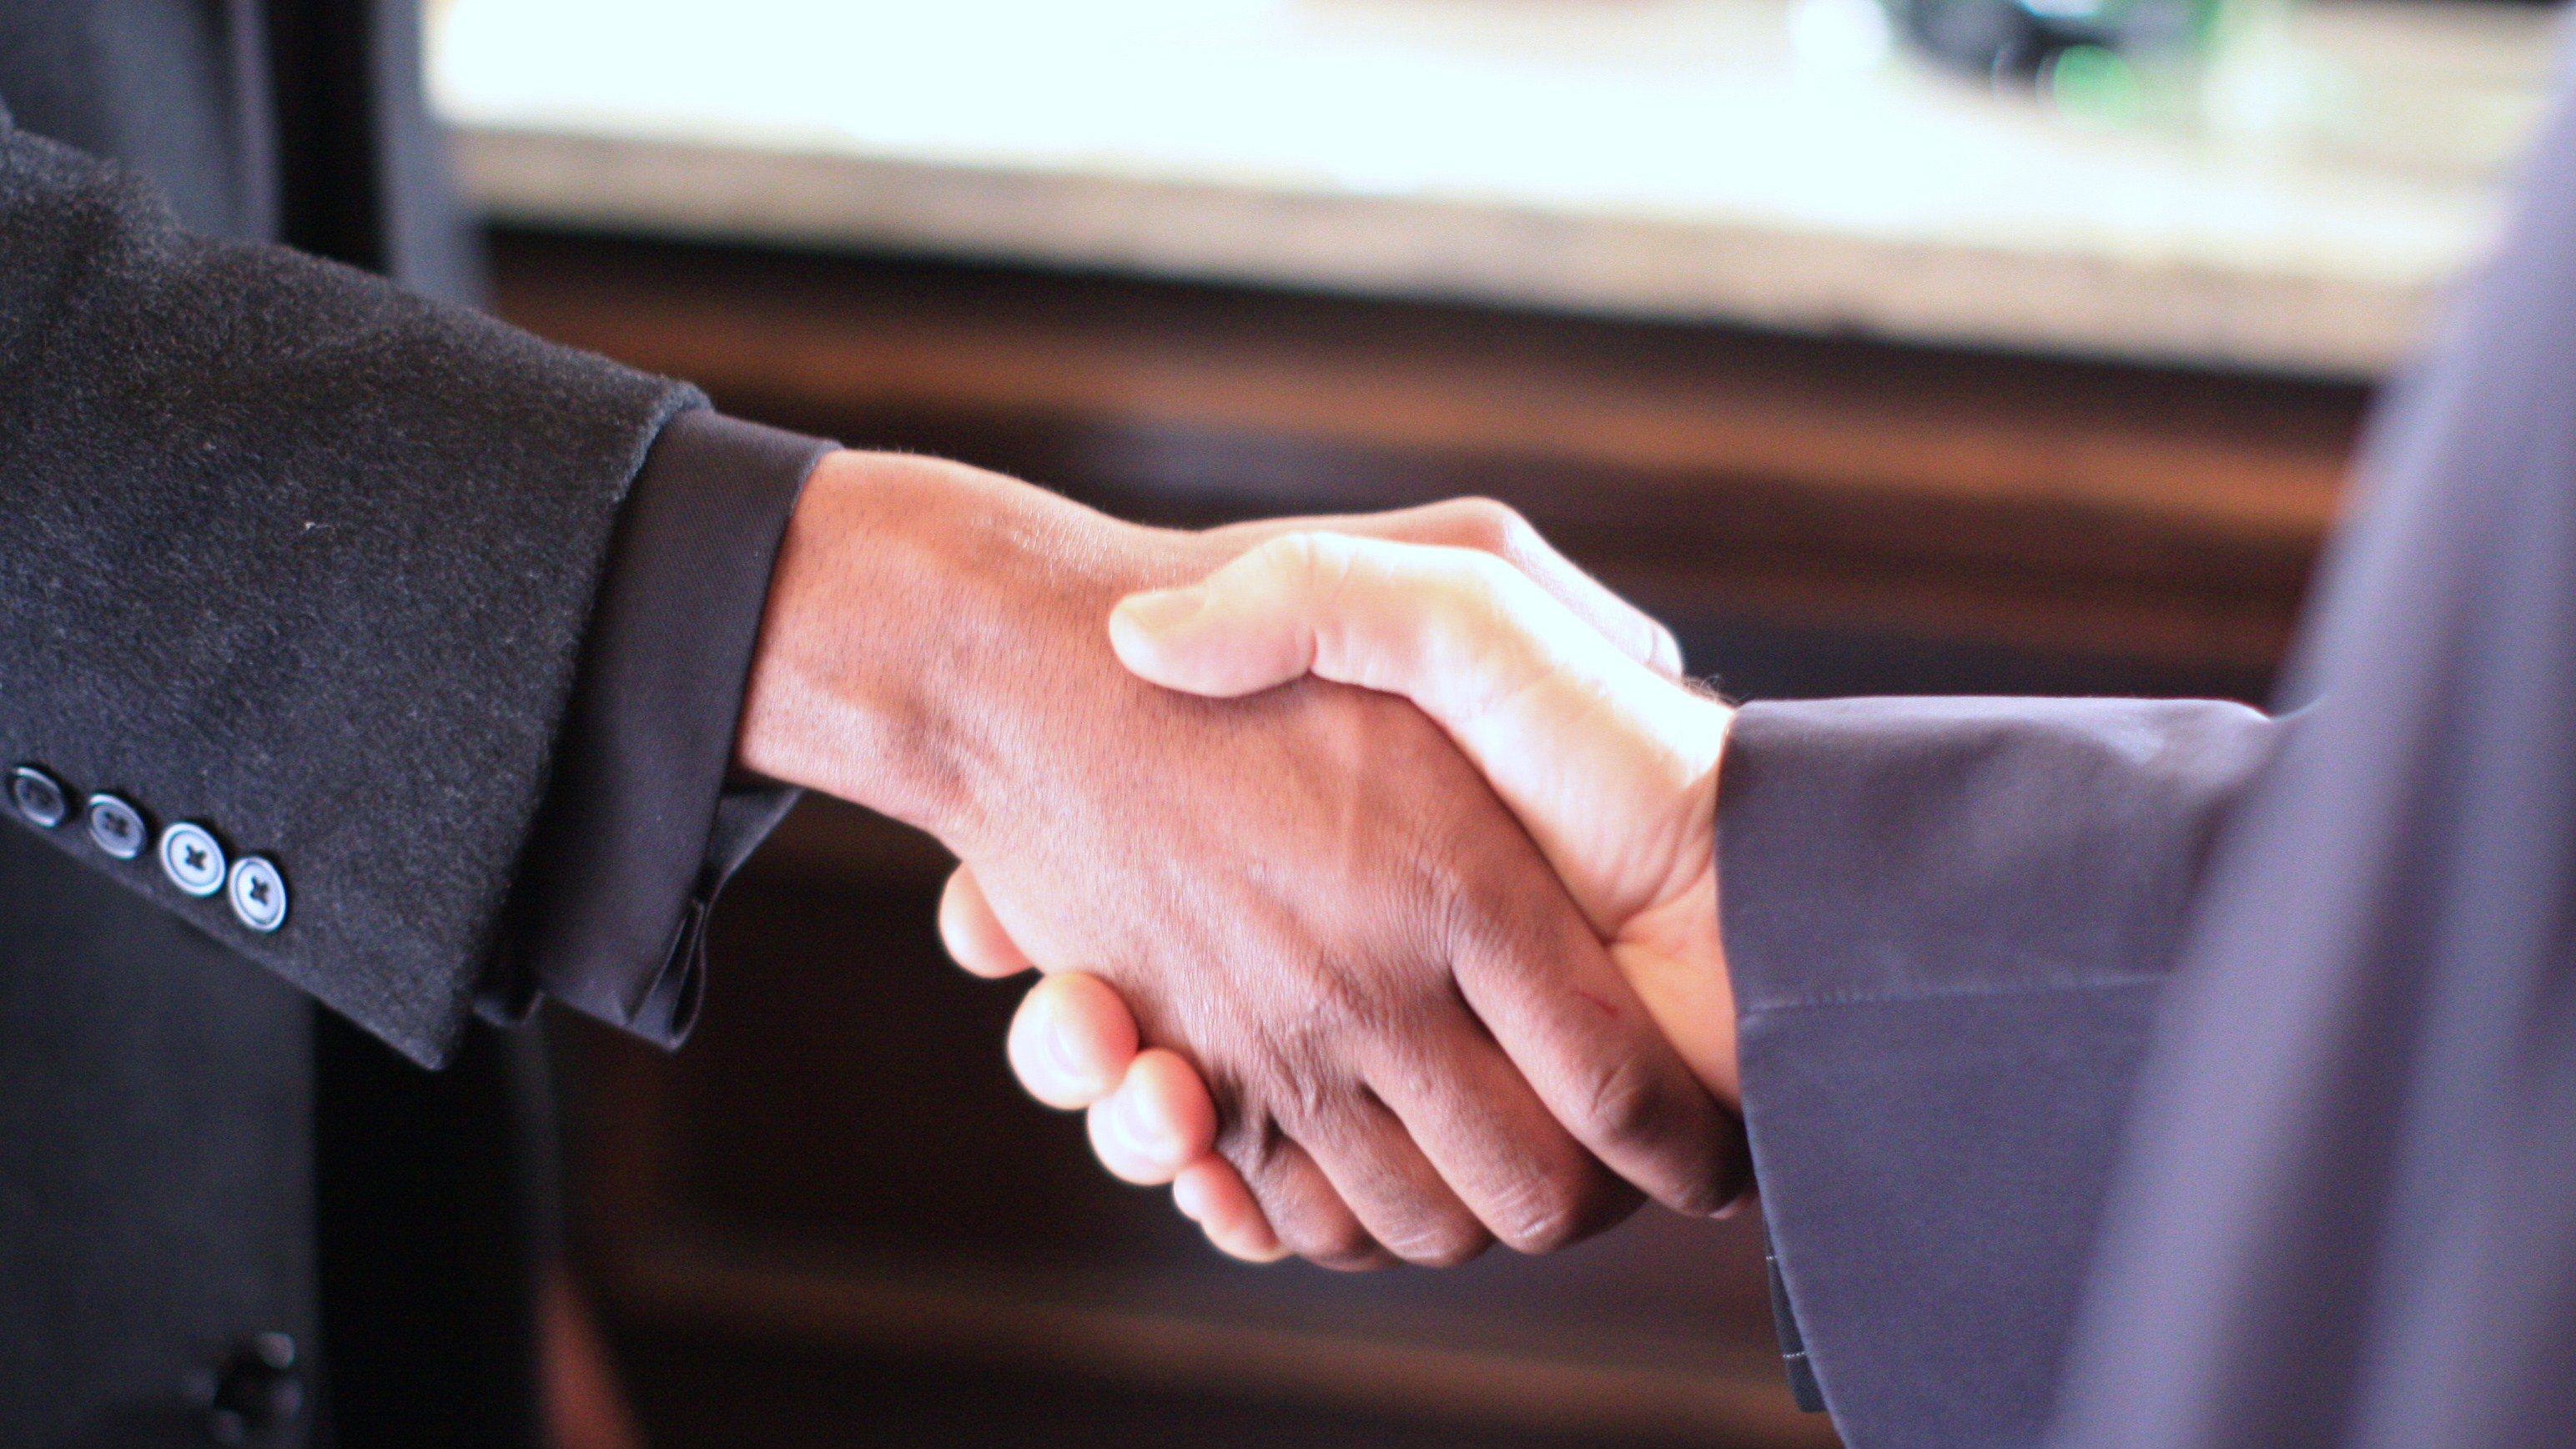 מנהלת מערכות המידע של הפול דורית הנגבי הודיעה על פרישה